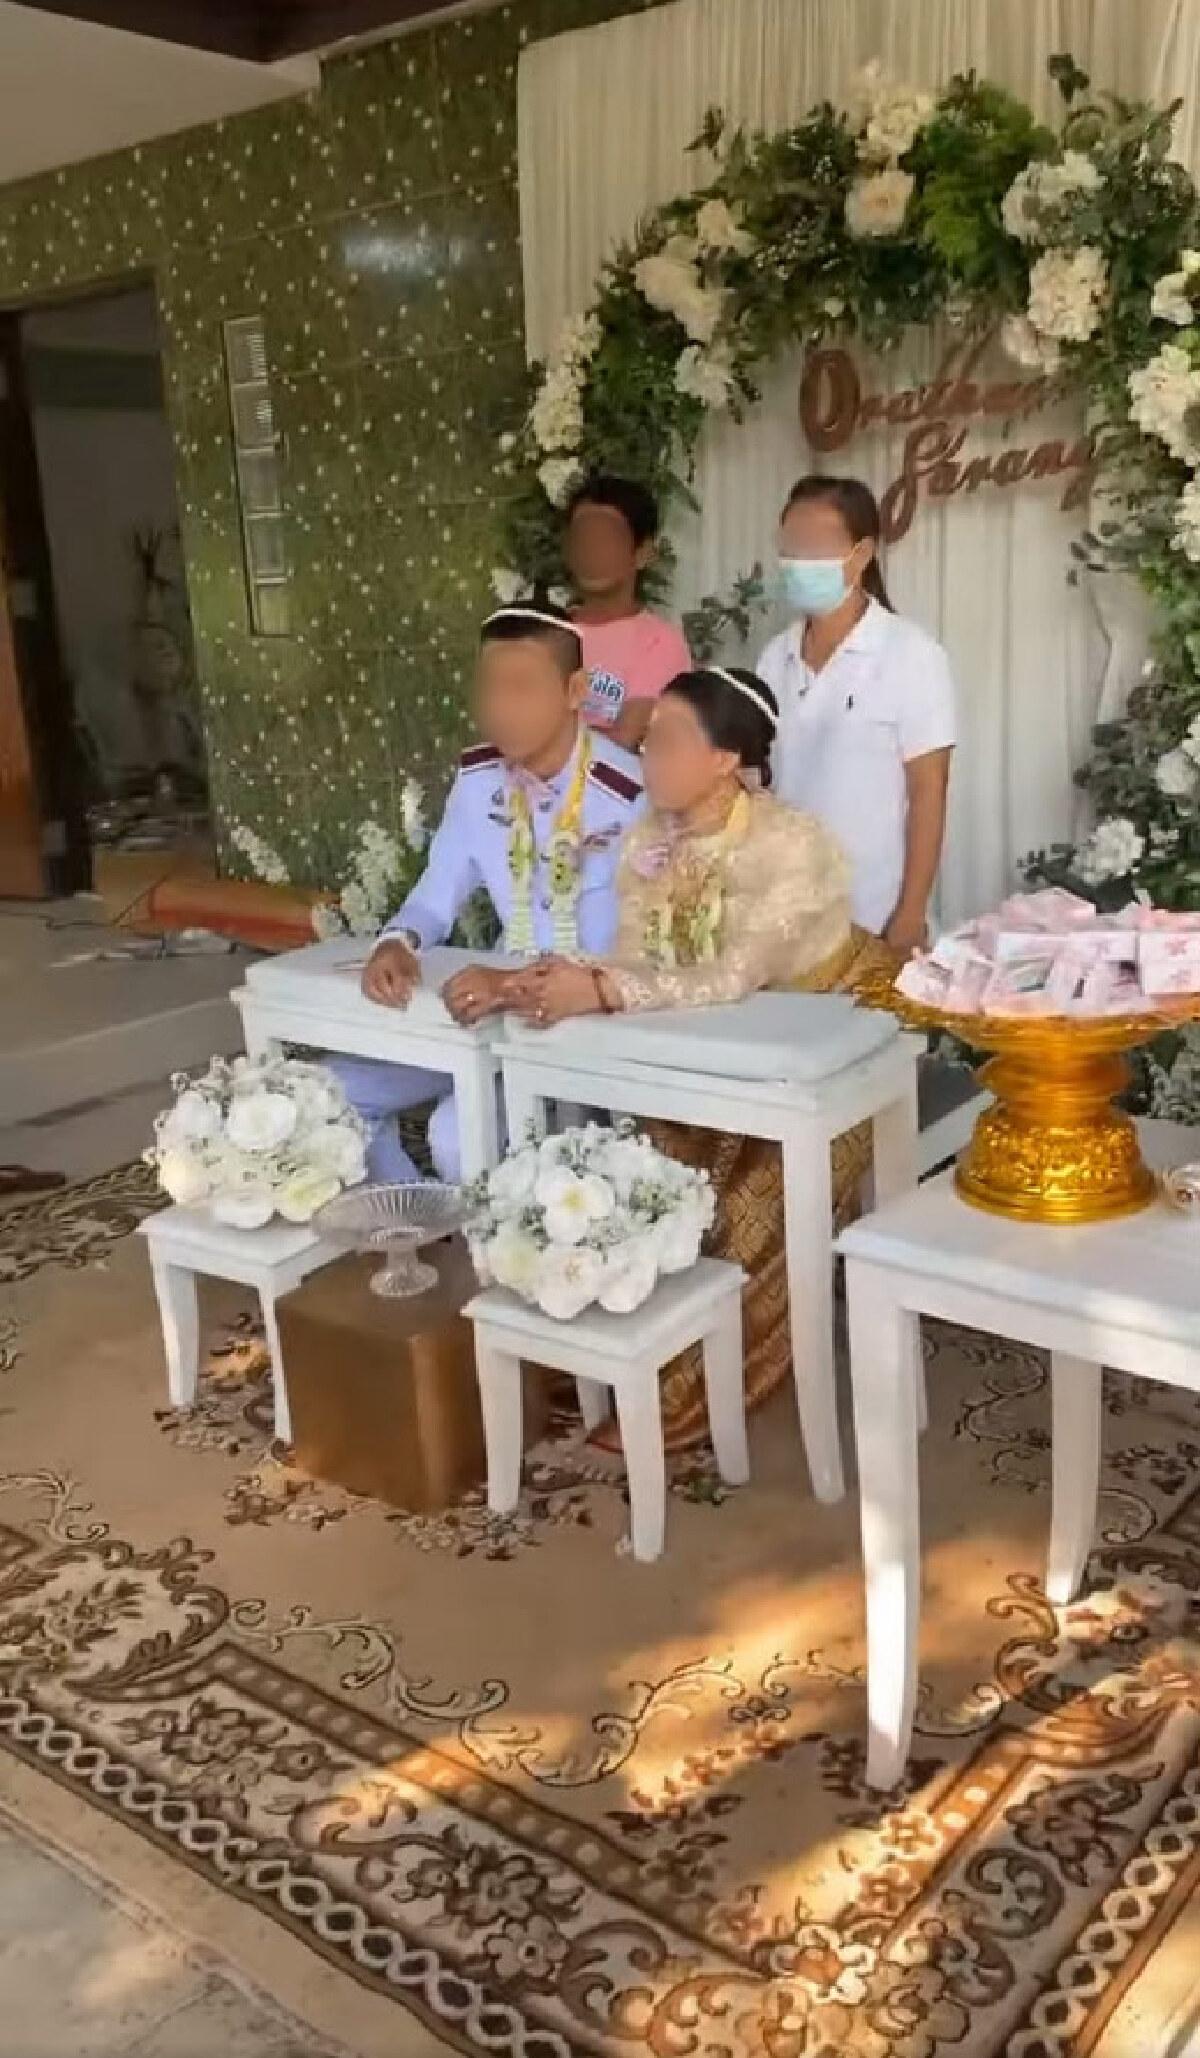 เดือดจัด! ภรรยาถือทะเบียนสมรส บุกงานแต่งรอบสองสามีกับหญิงคนใหม่